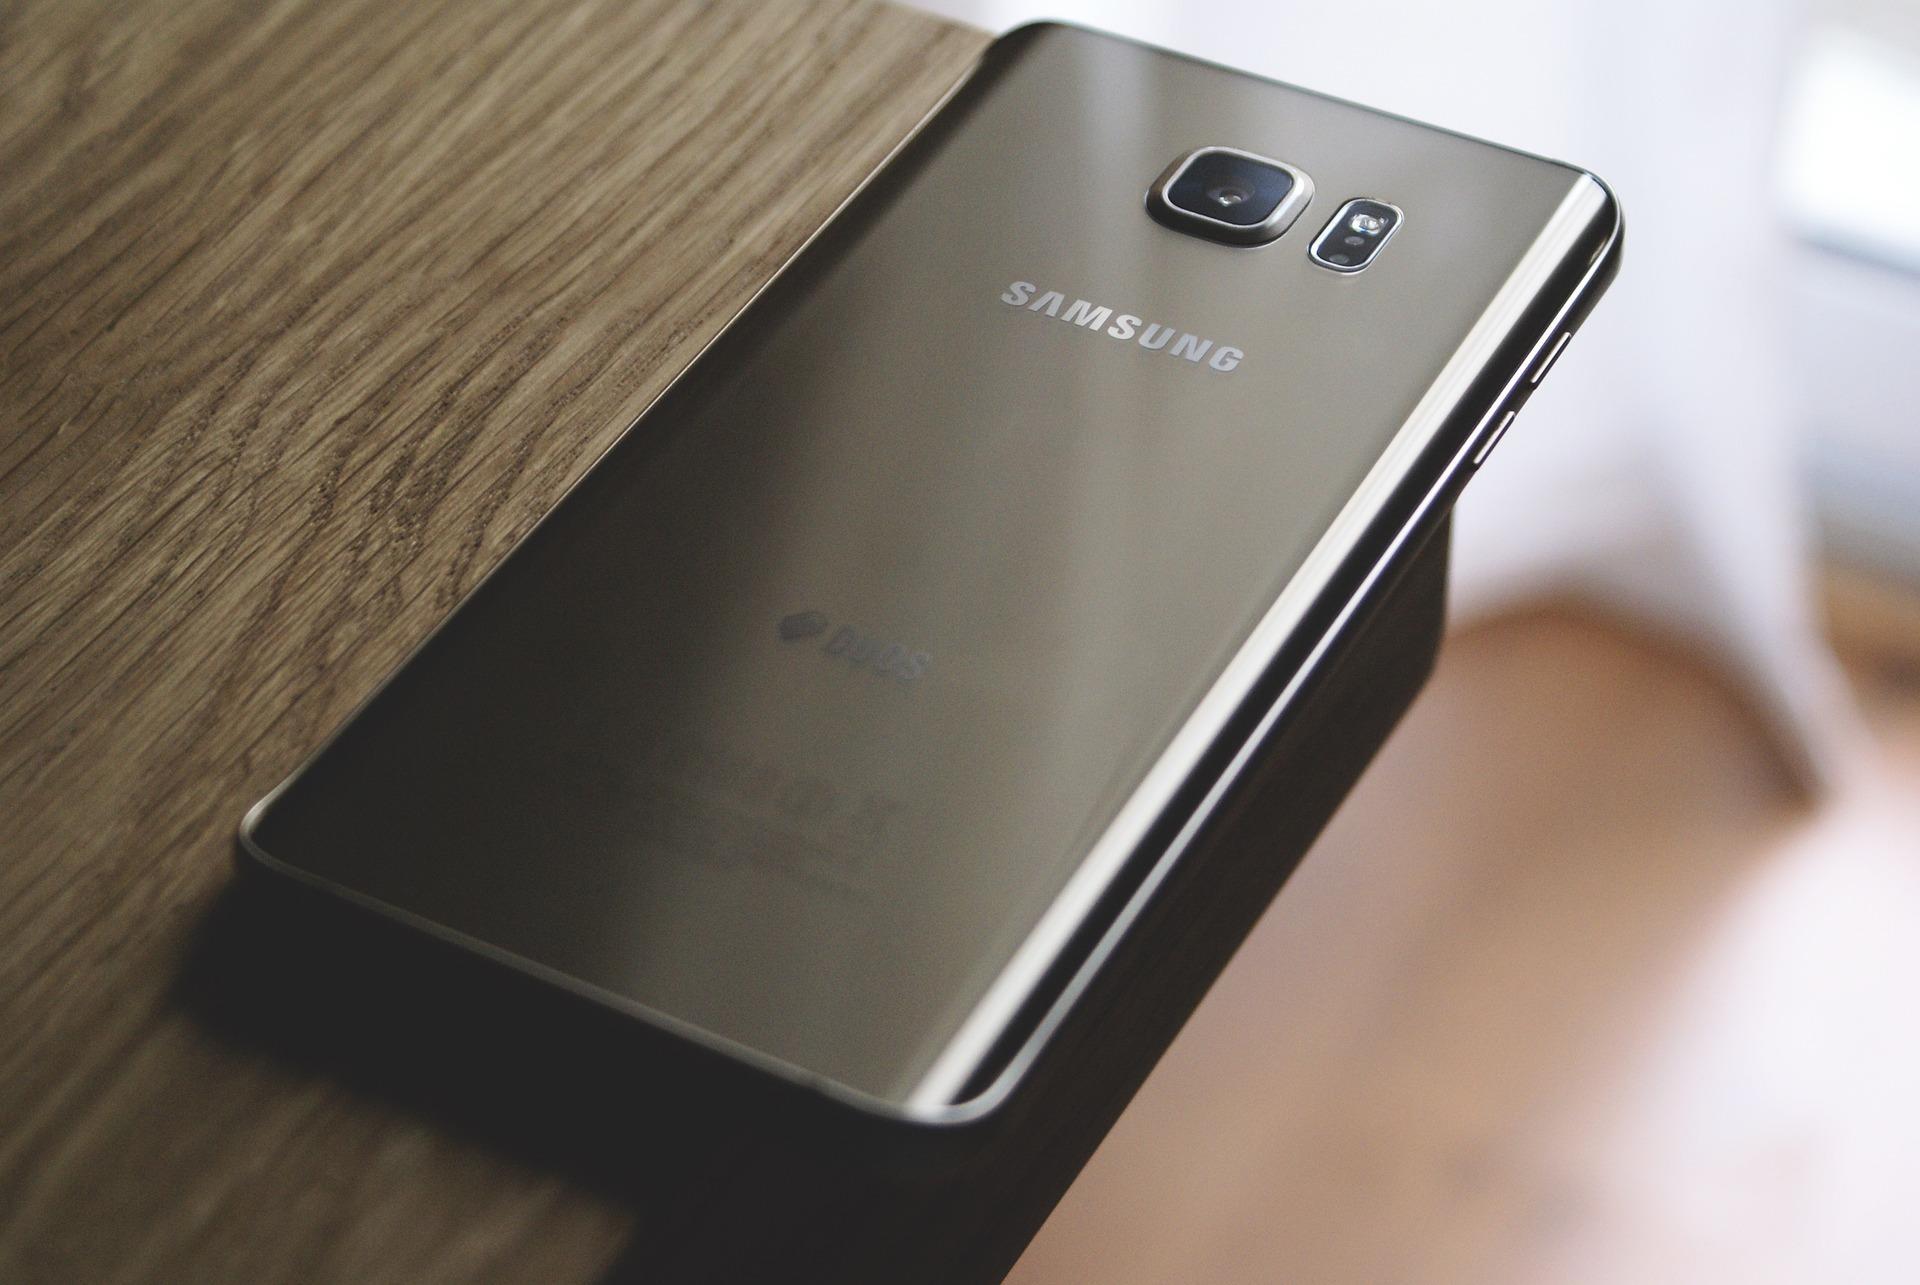 Сообщают, что некоторые смартфоны Samsung перегреваются. Что делать?